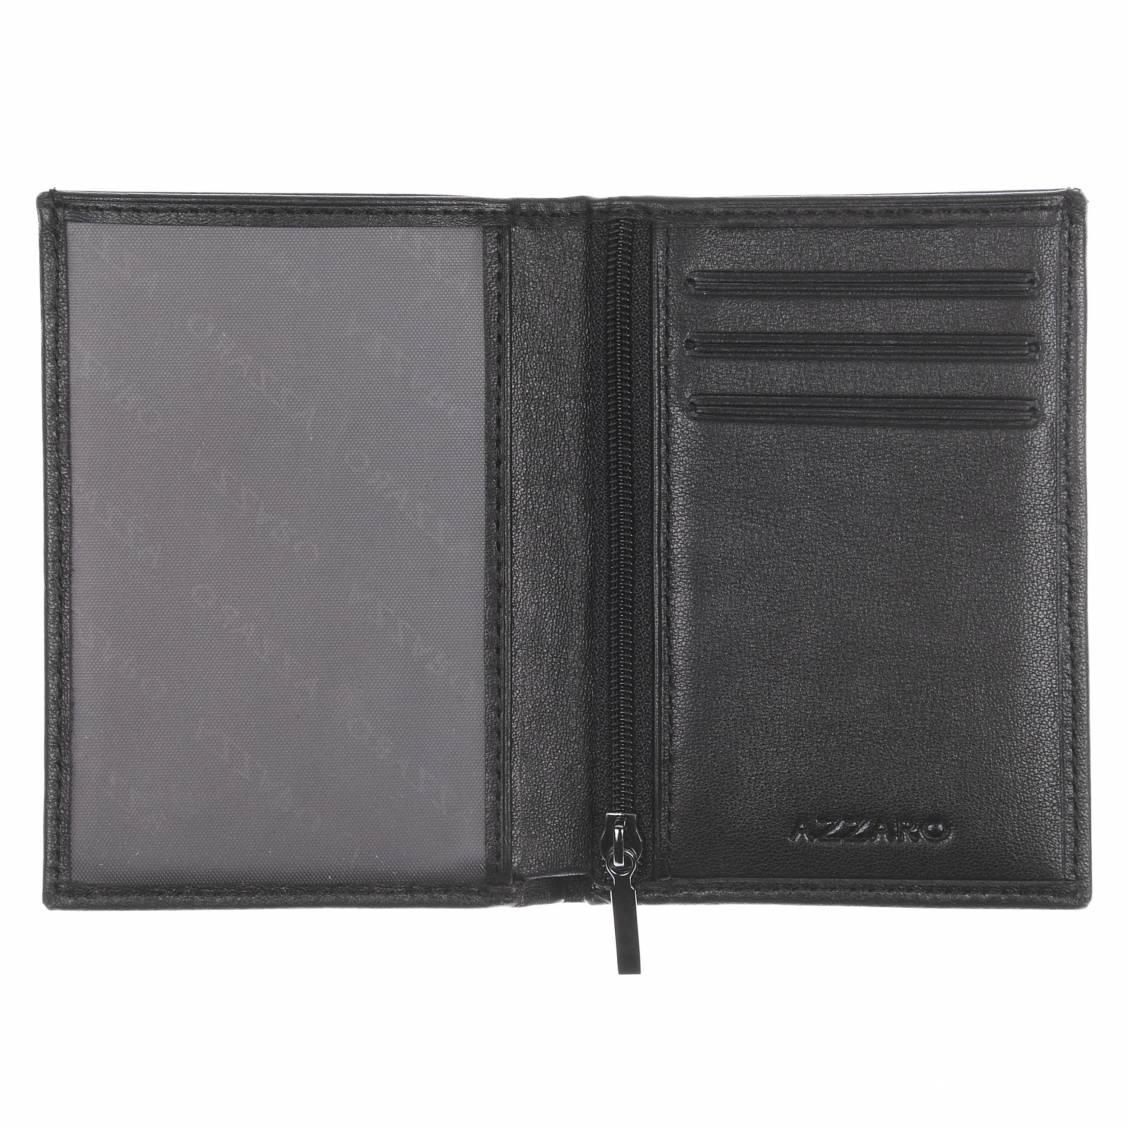 petit portefeuille azzaro en cuir noir